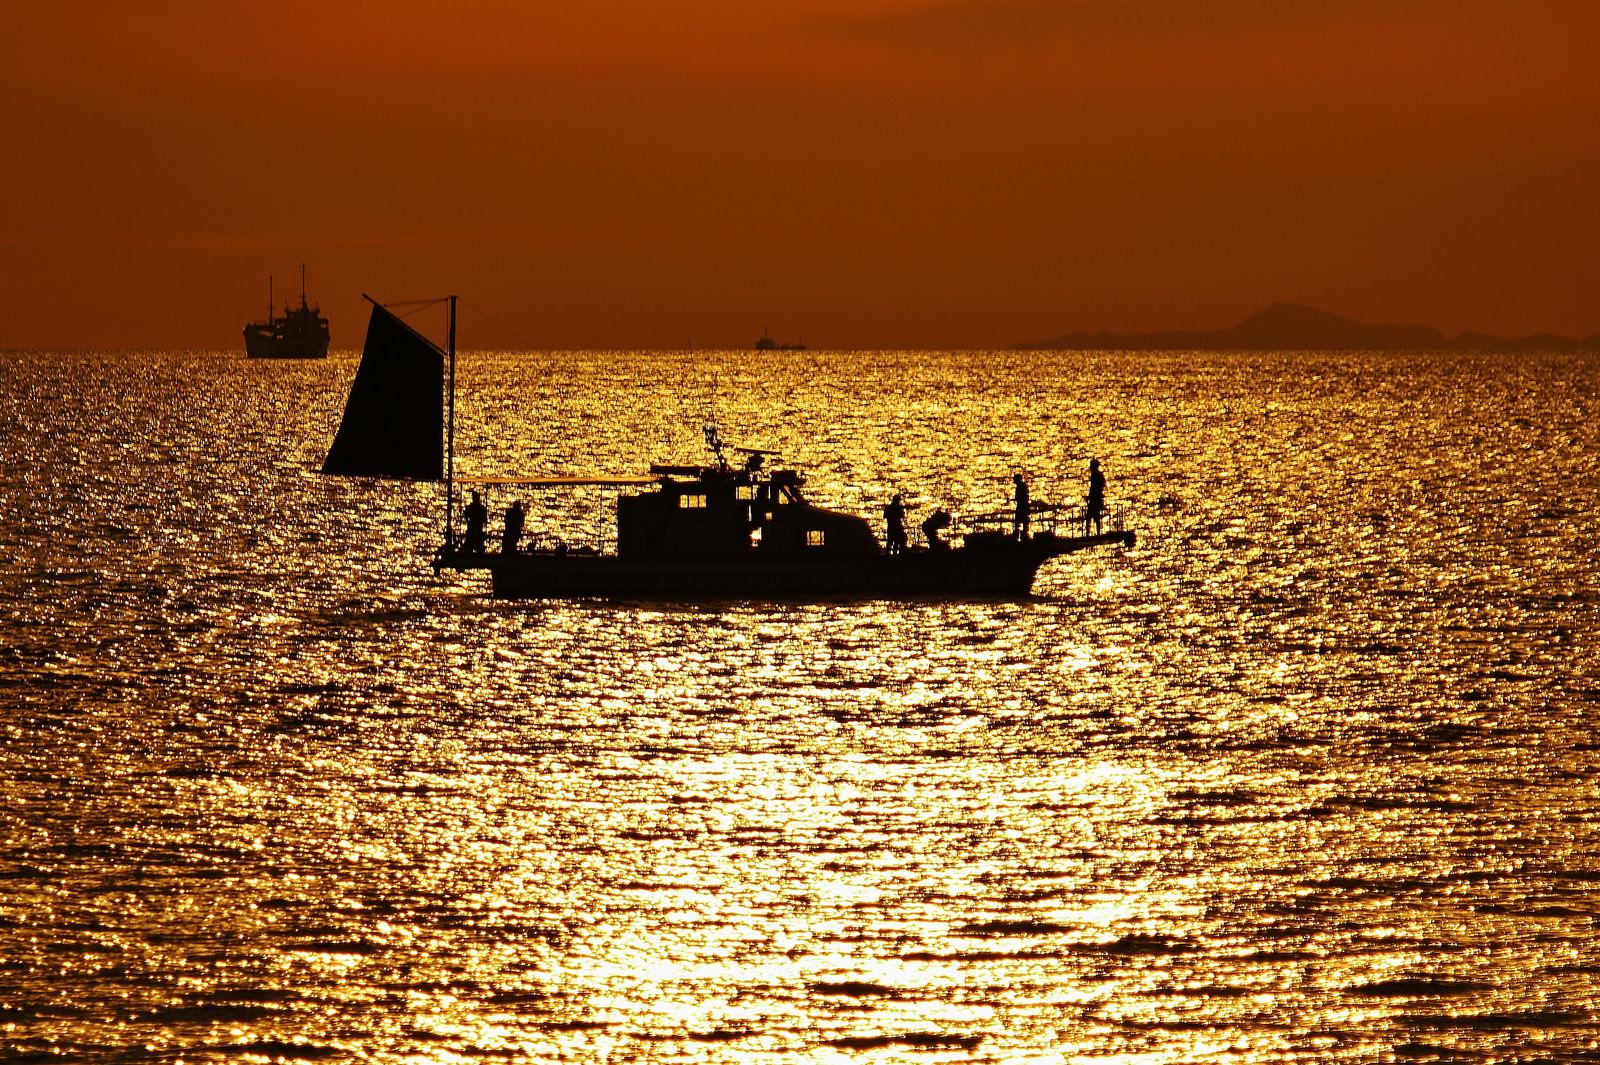 「夕焼けと船」の写真